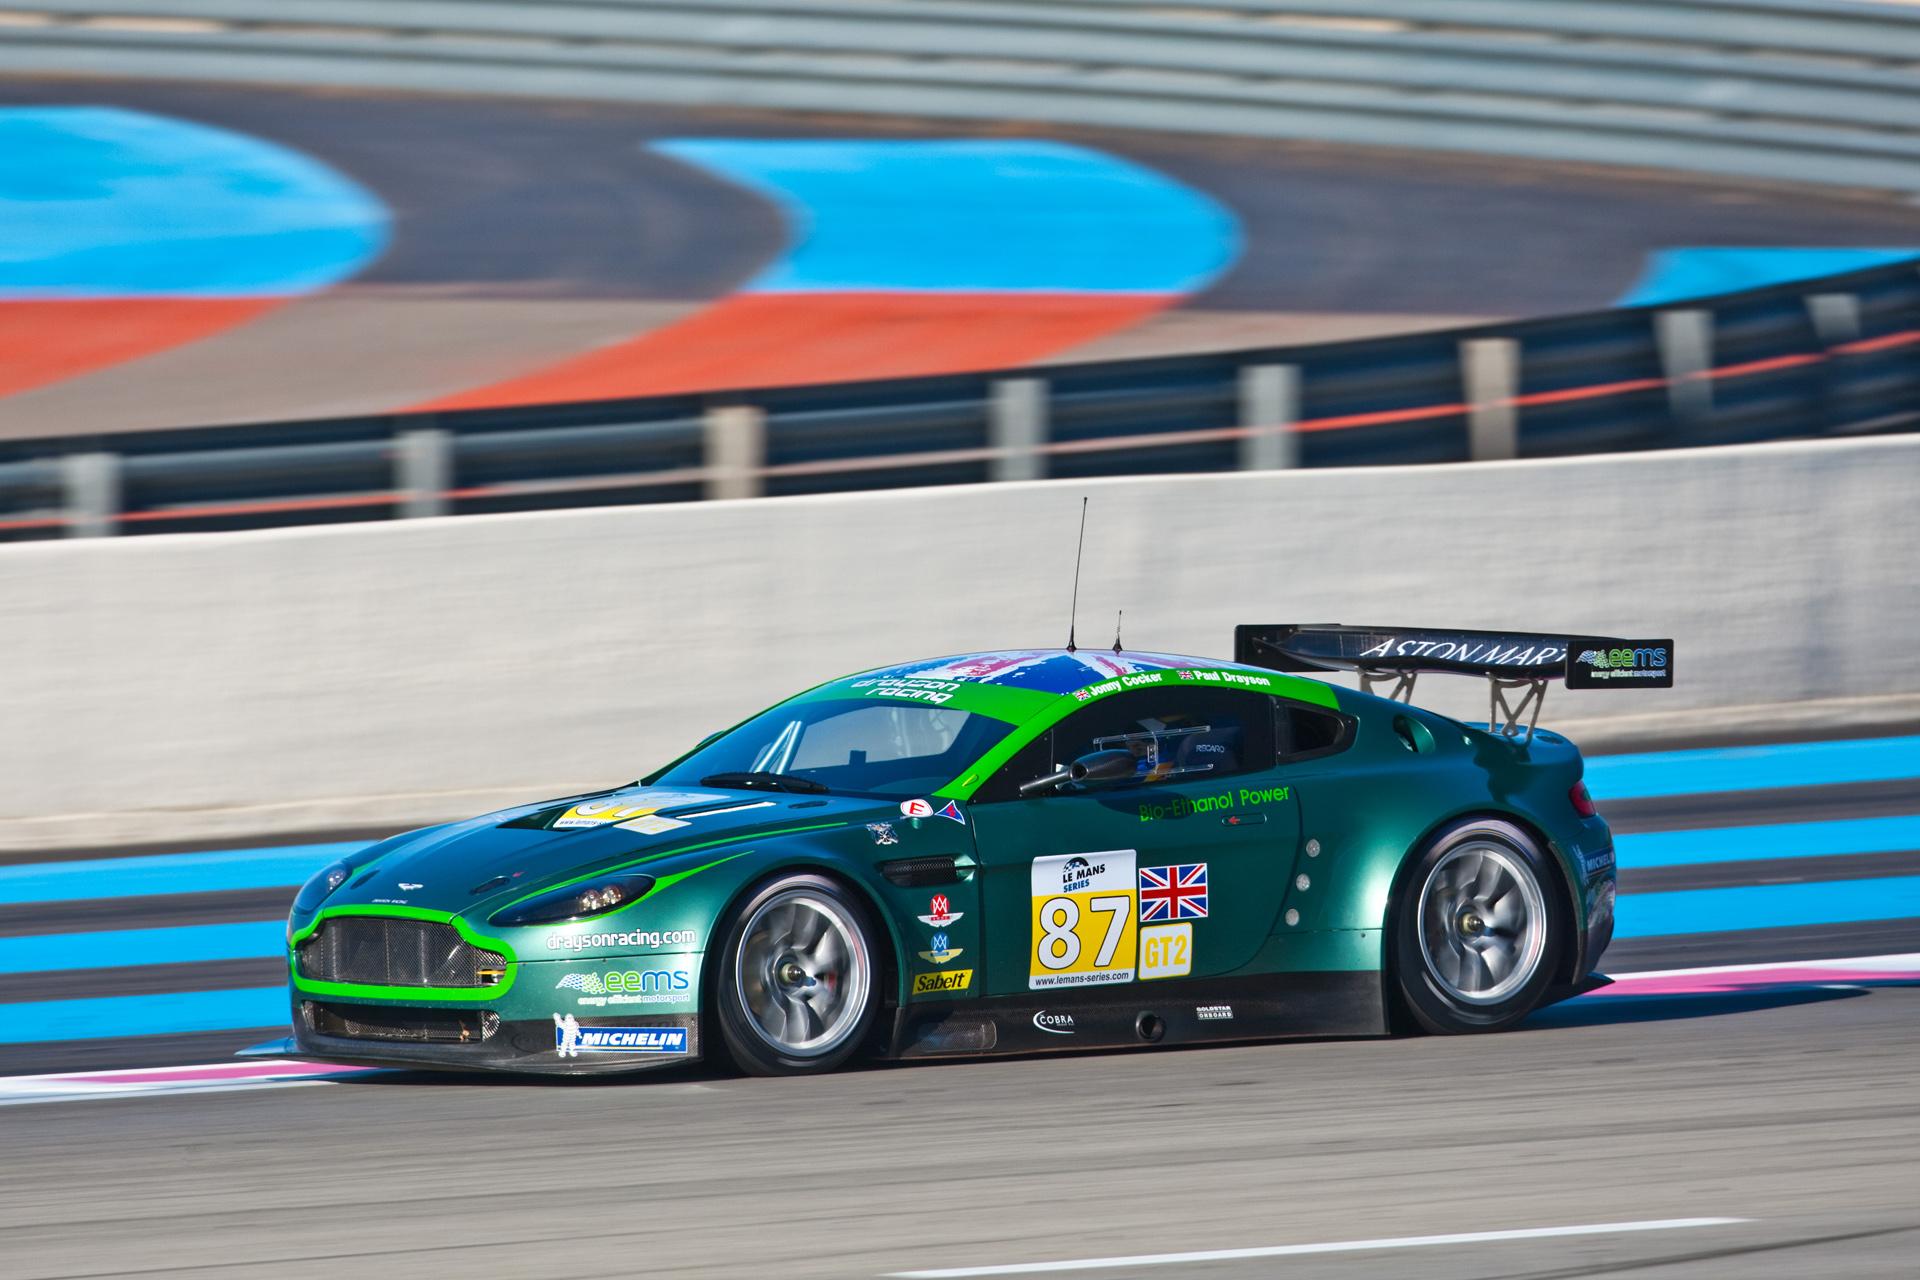 Aston Martin Vantage GT2 Backgrounds, Compatible - PC, Mobile, Gadgets| 1920x1280 px